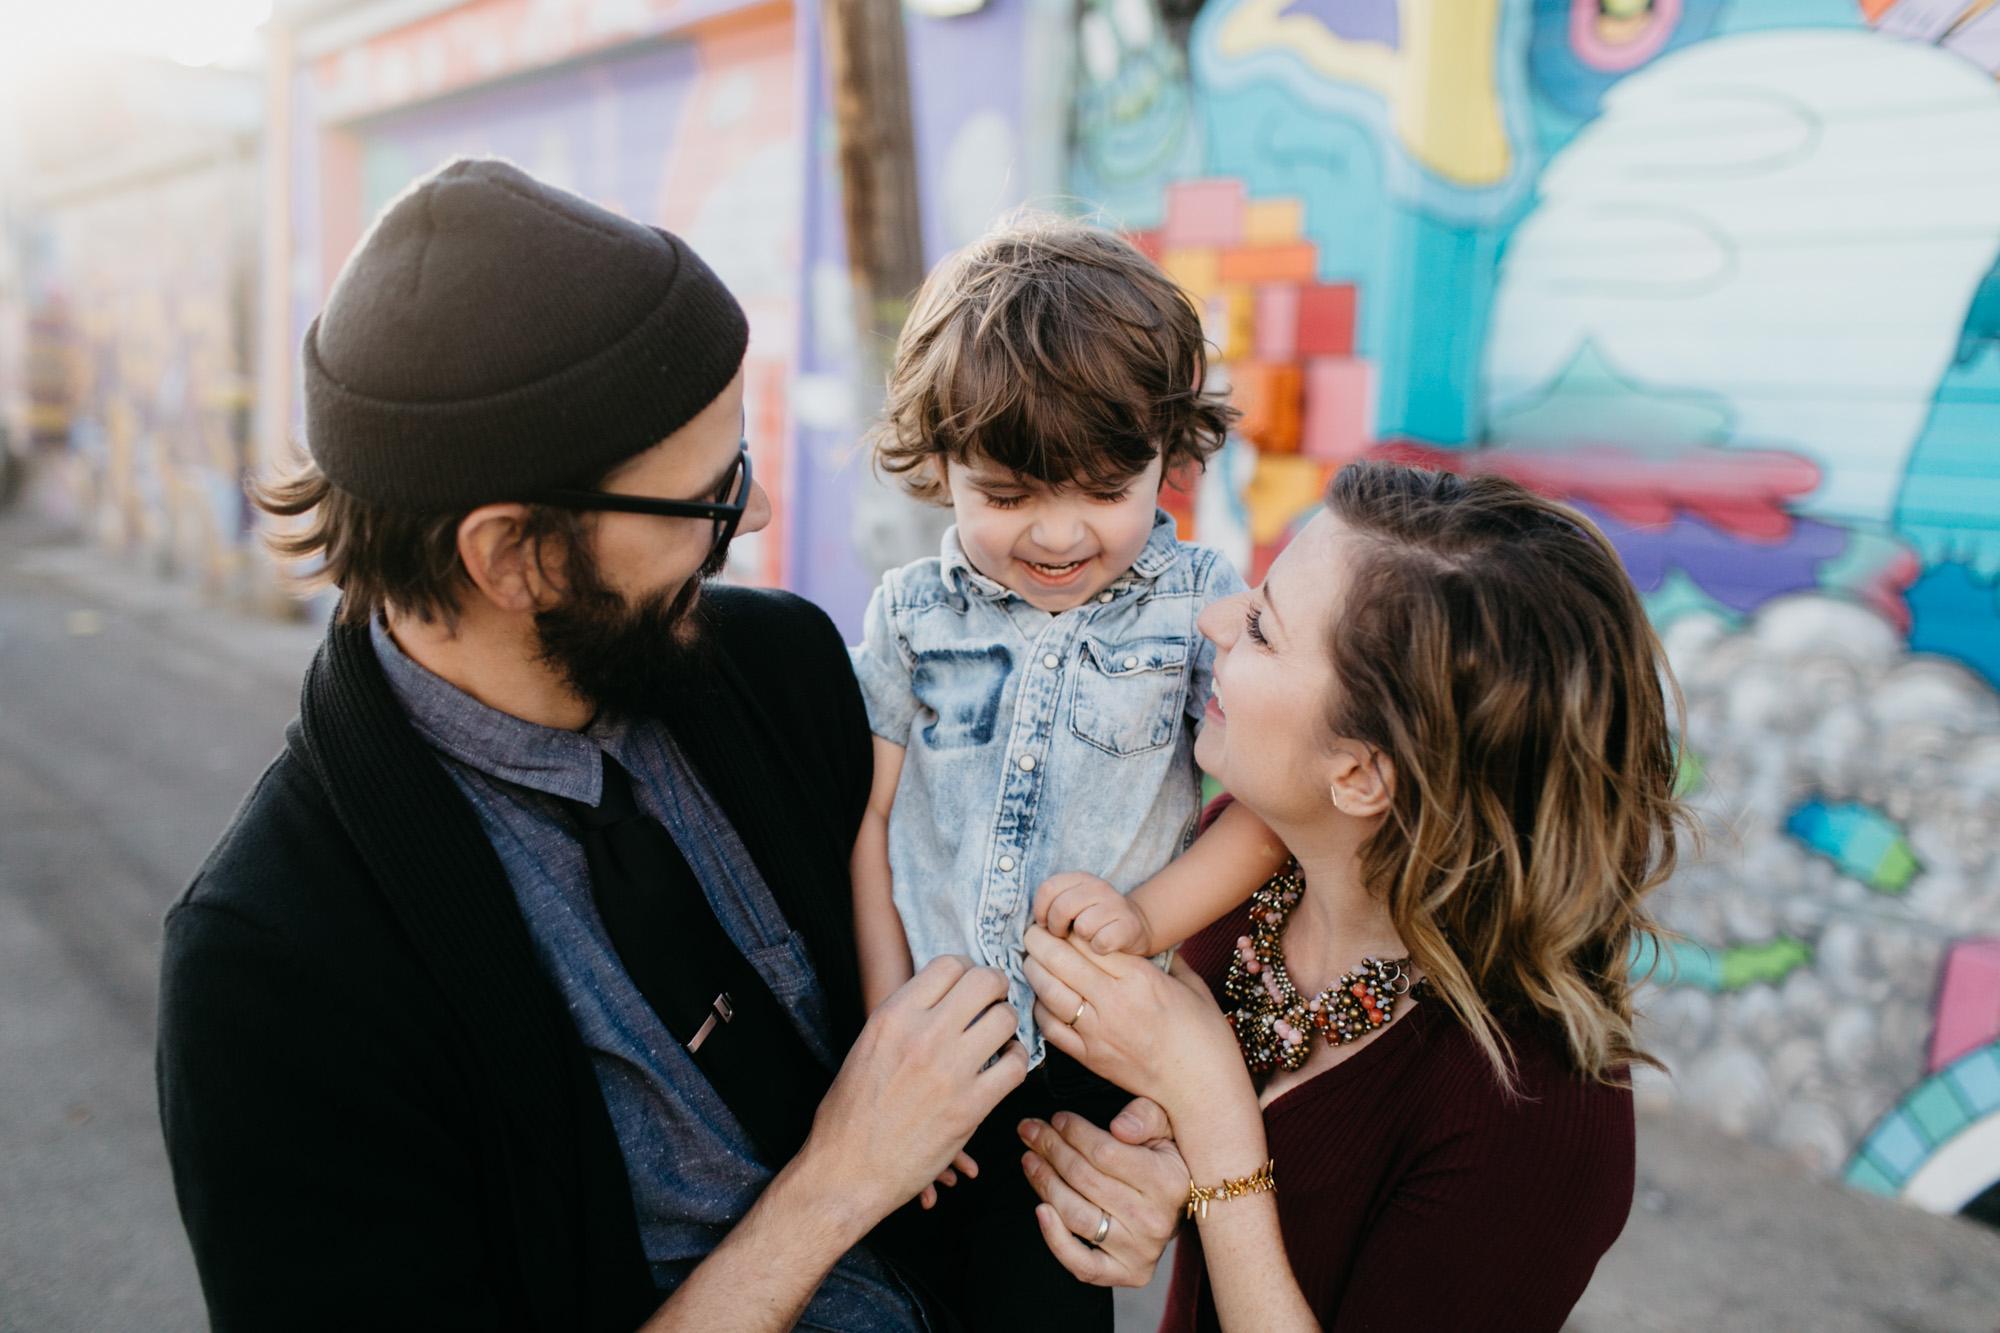 denver-family-photographer-5.jpg